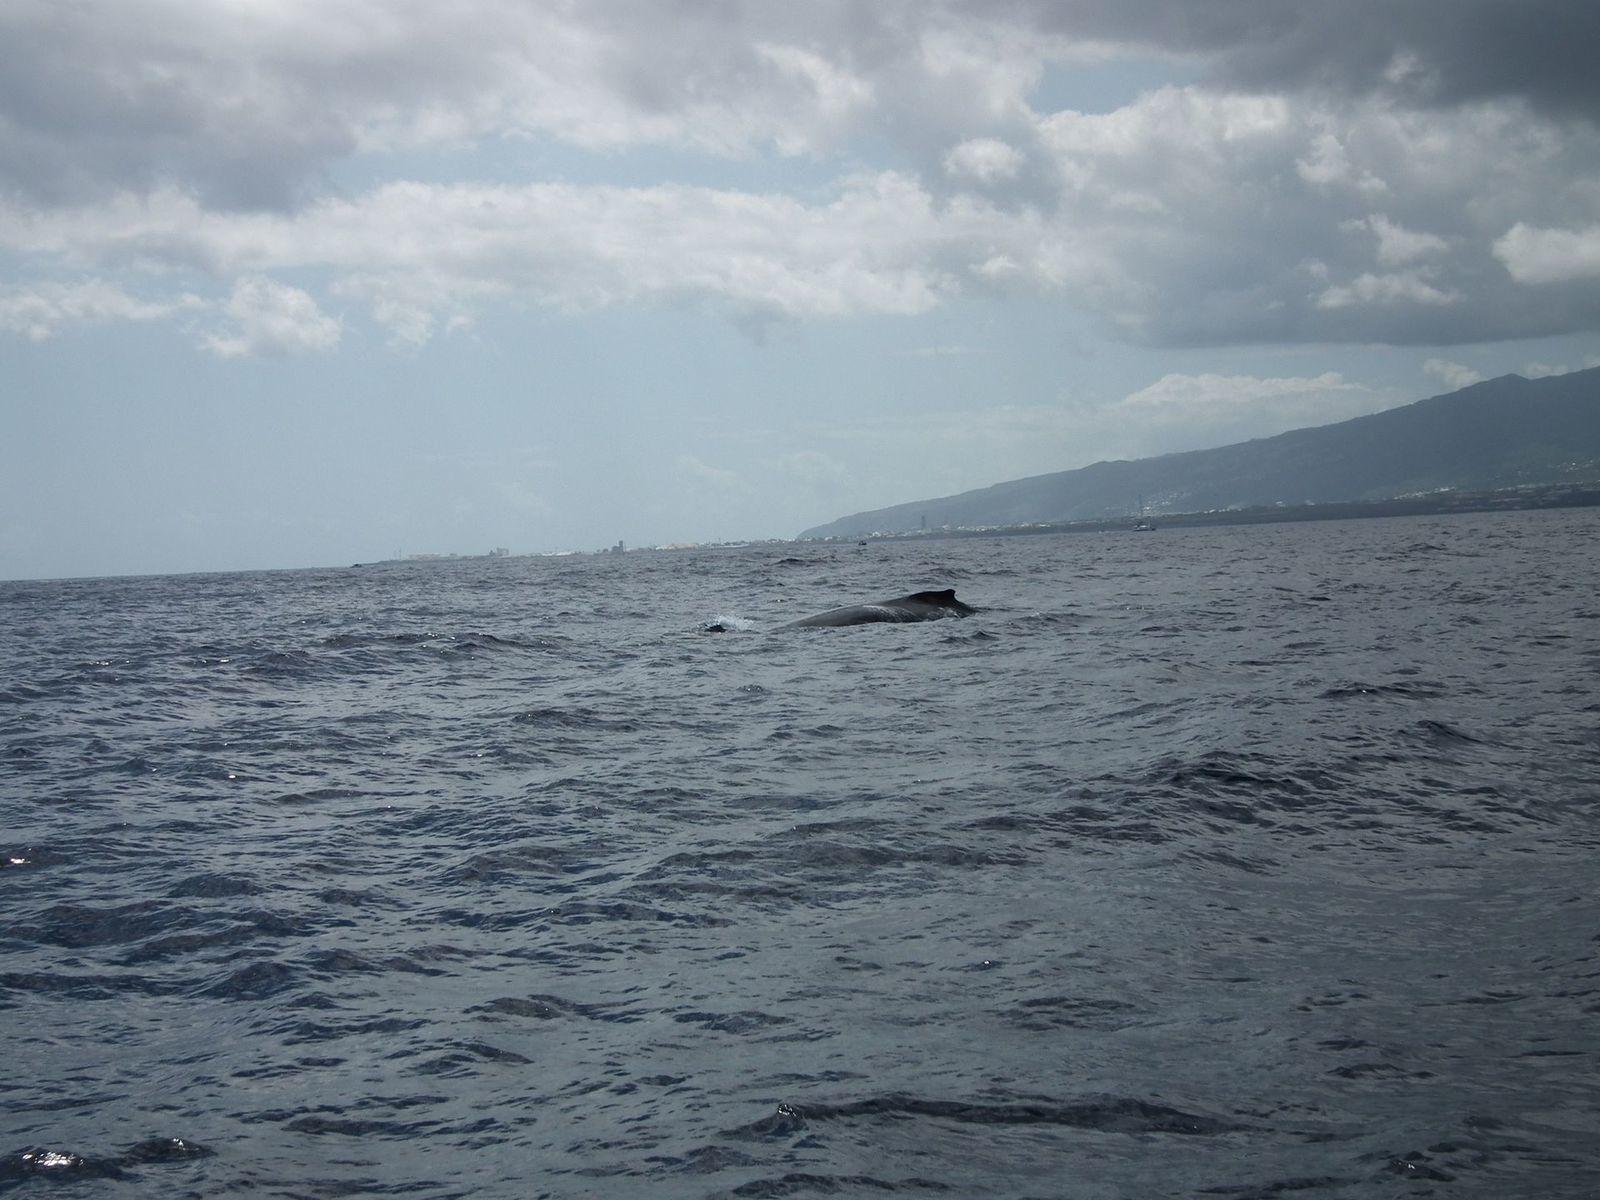 Madonie découvre les baleines dans leur habitat